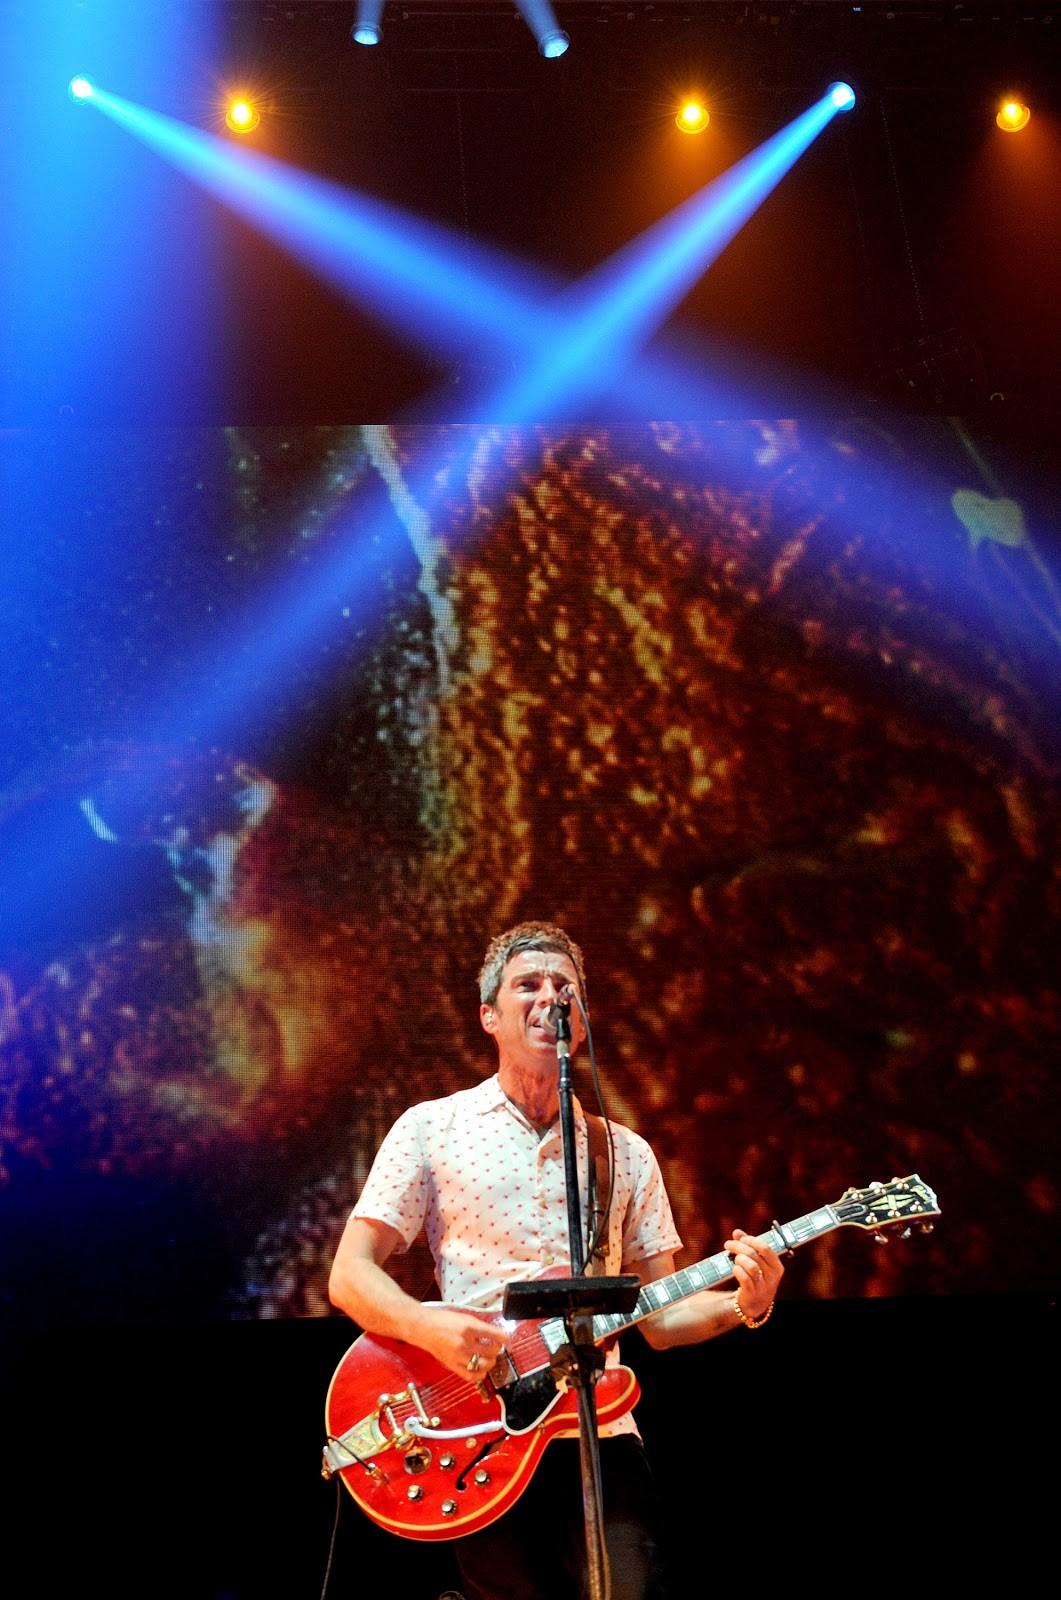 Noel em show na cidade de Manchester (Foto: getty)